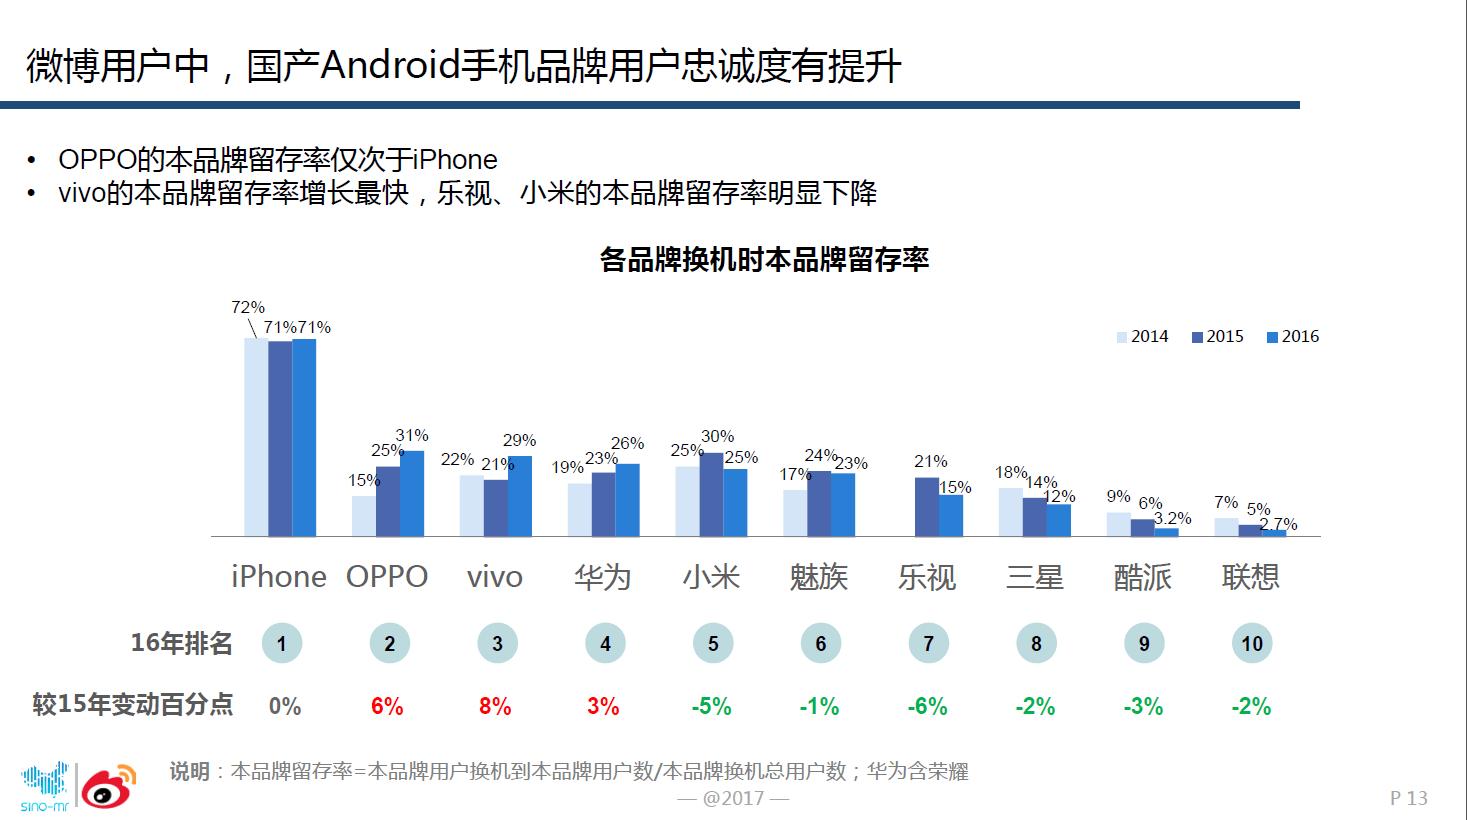 图1:安卓手机中,OPPO的用户忠诚度最高.png